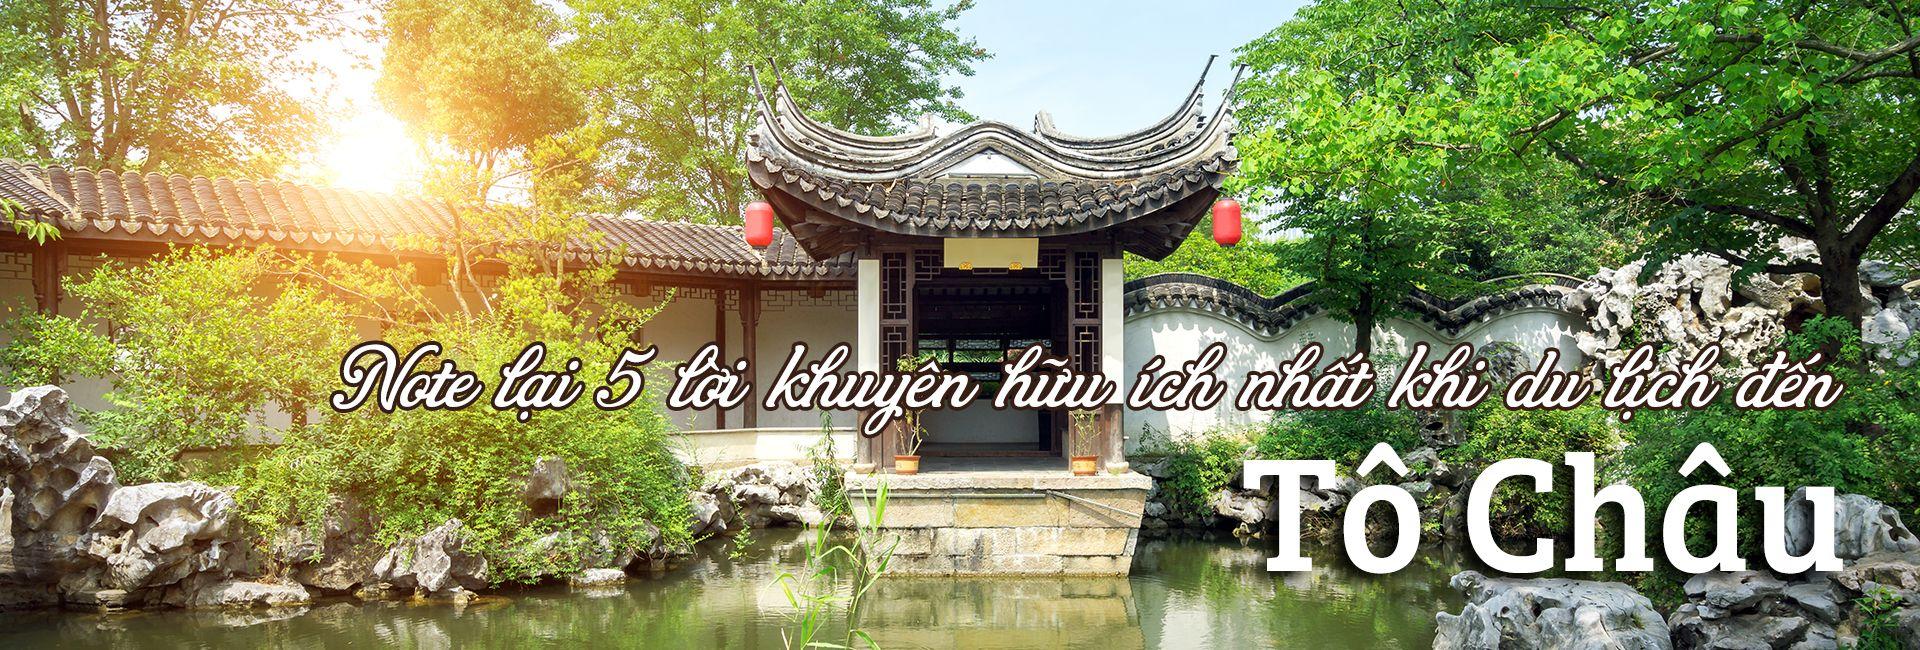 Top 5 lời khuyên hữu ích khi du lịch đến Tô Châu